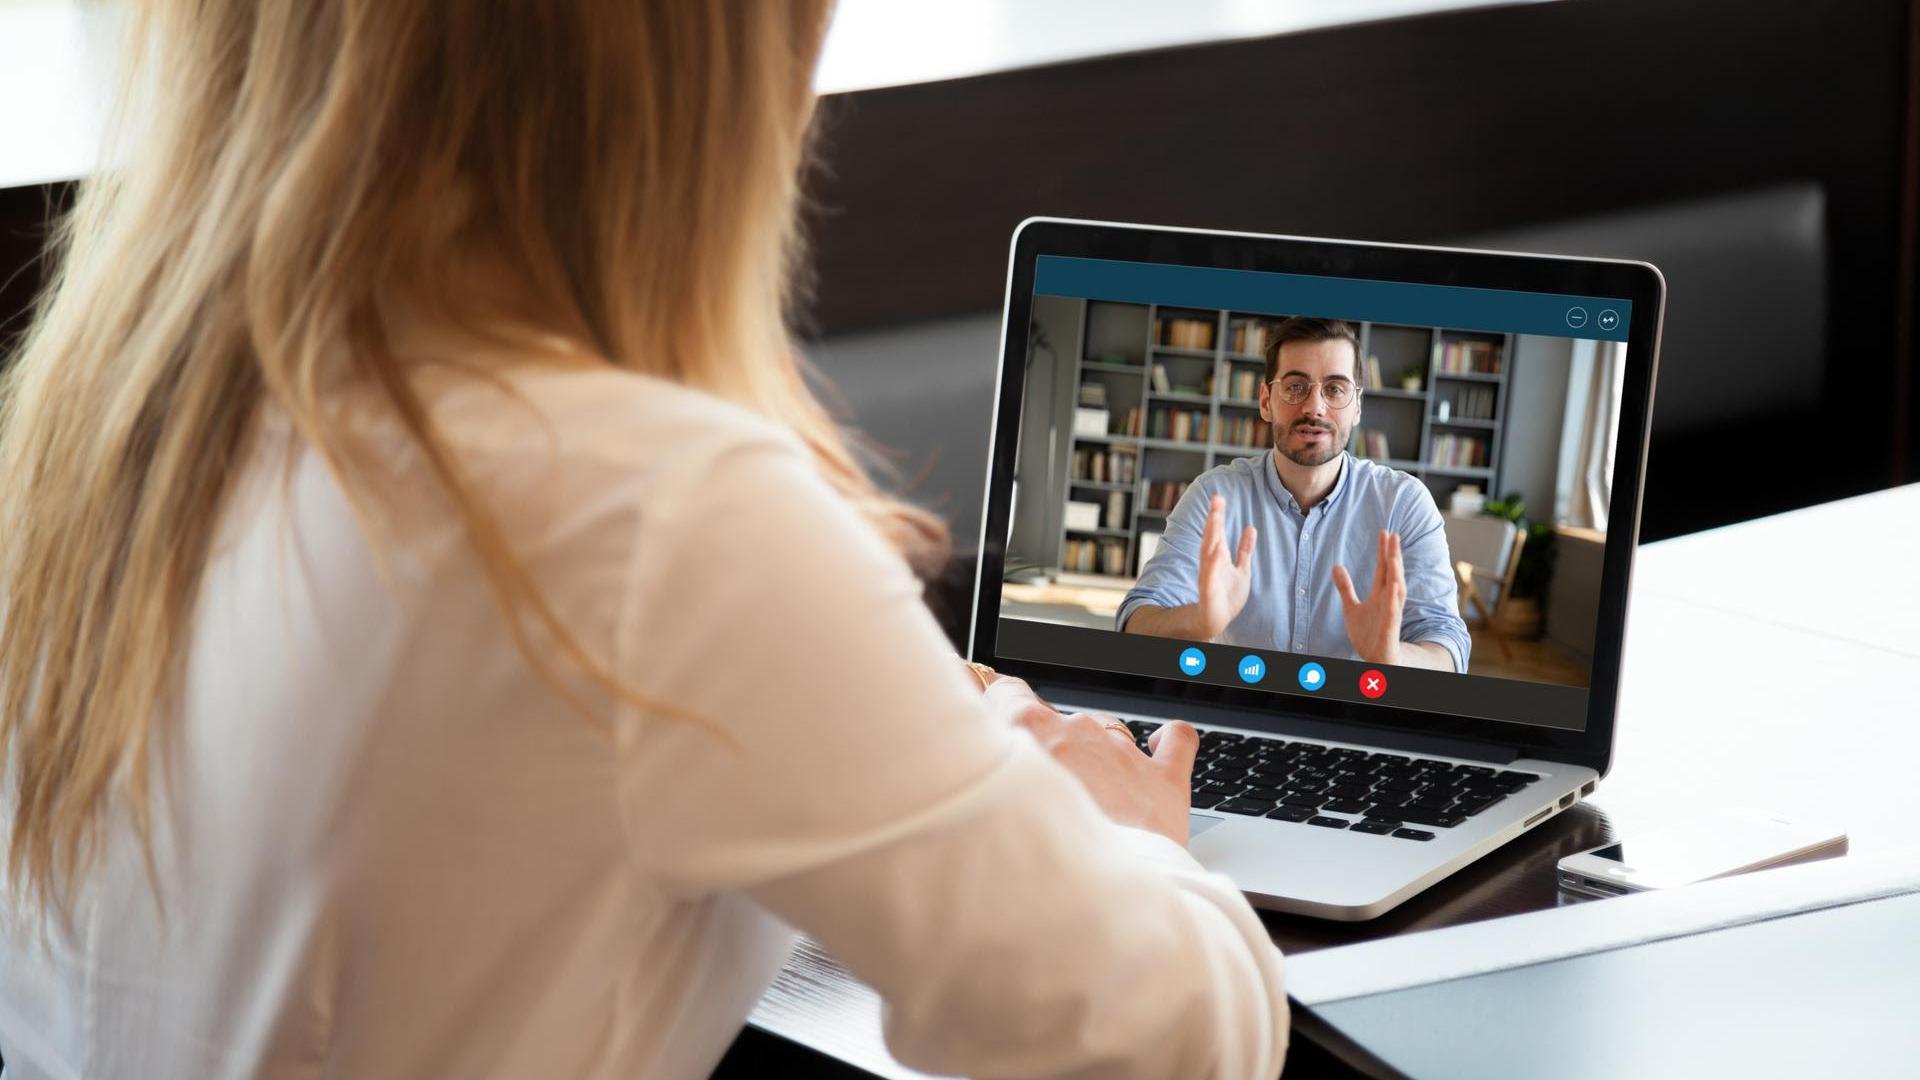 Laptop Jouwmeedenker nl